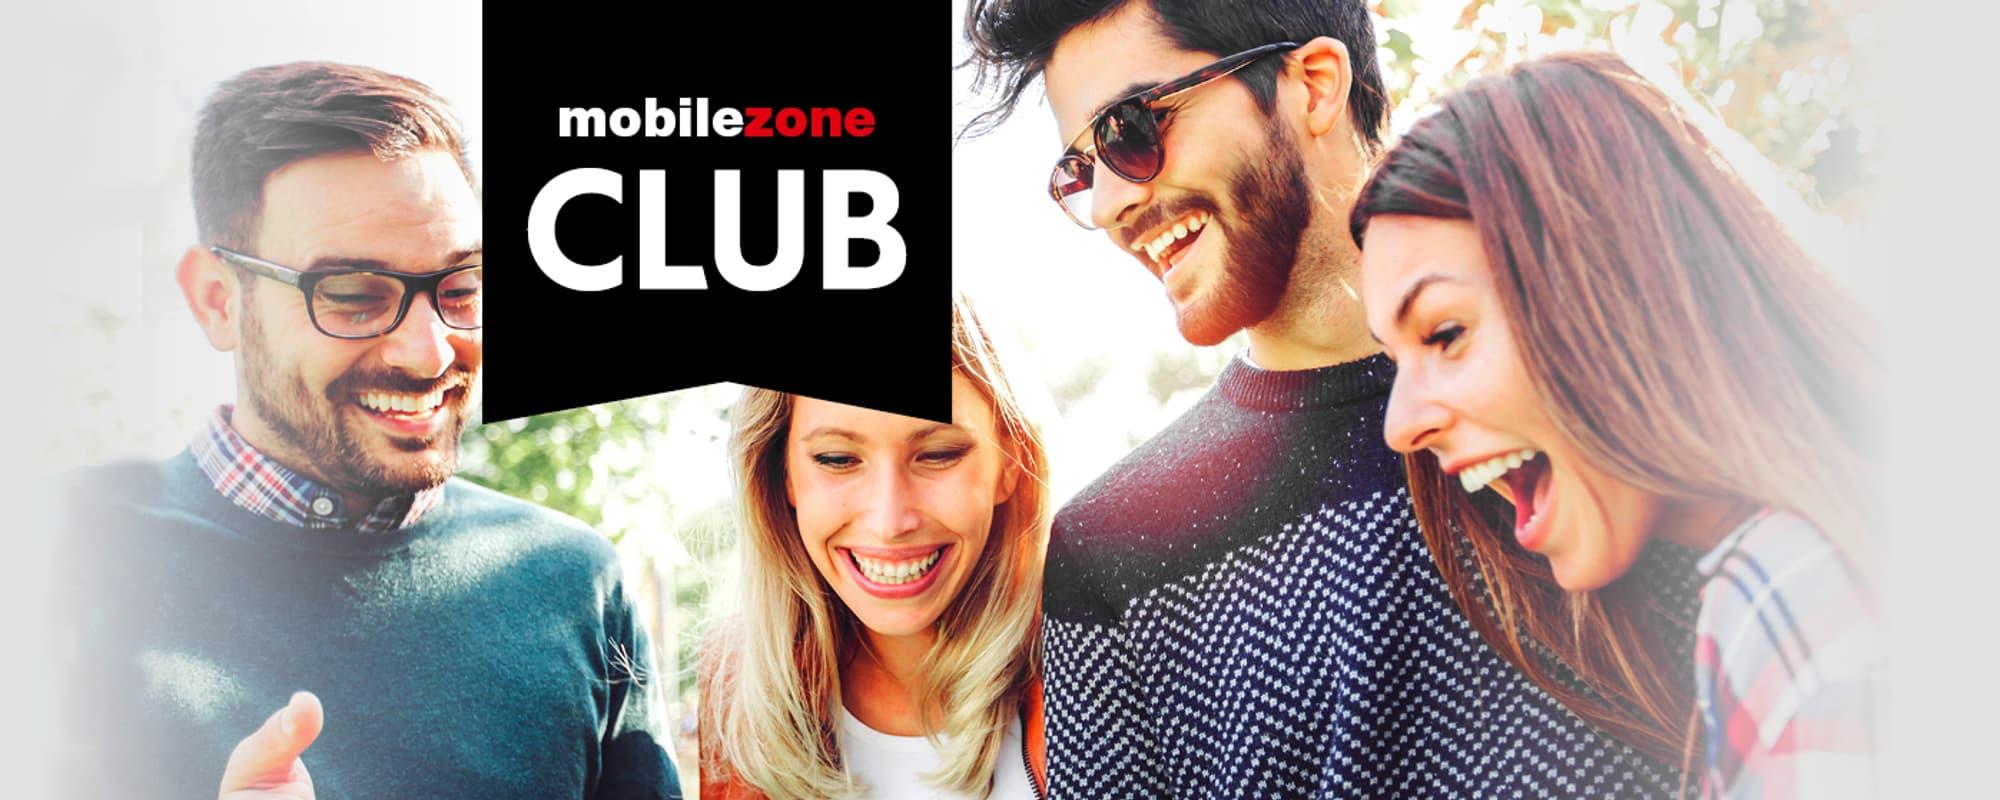 Club mobilezone